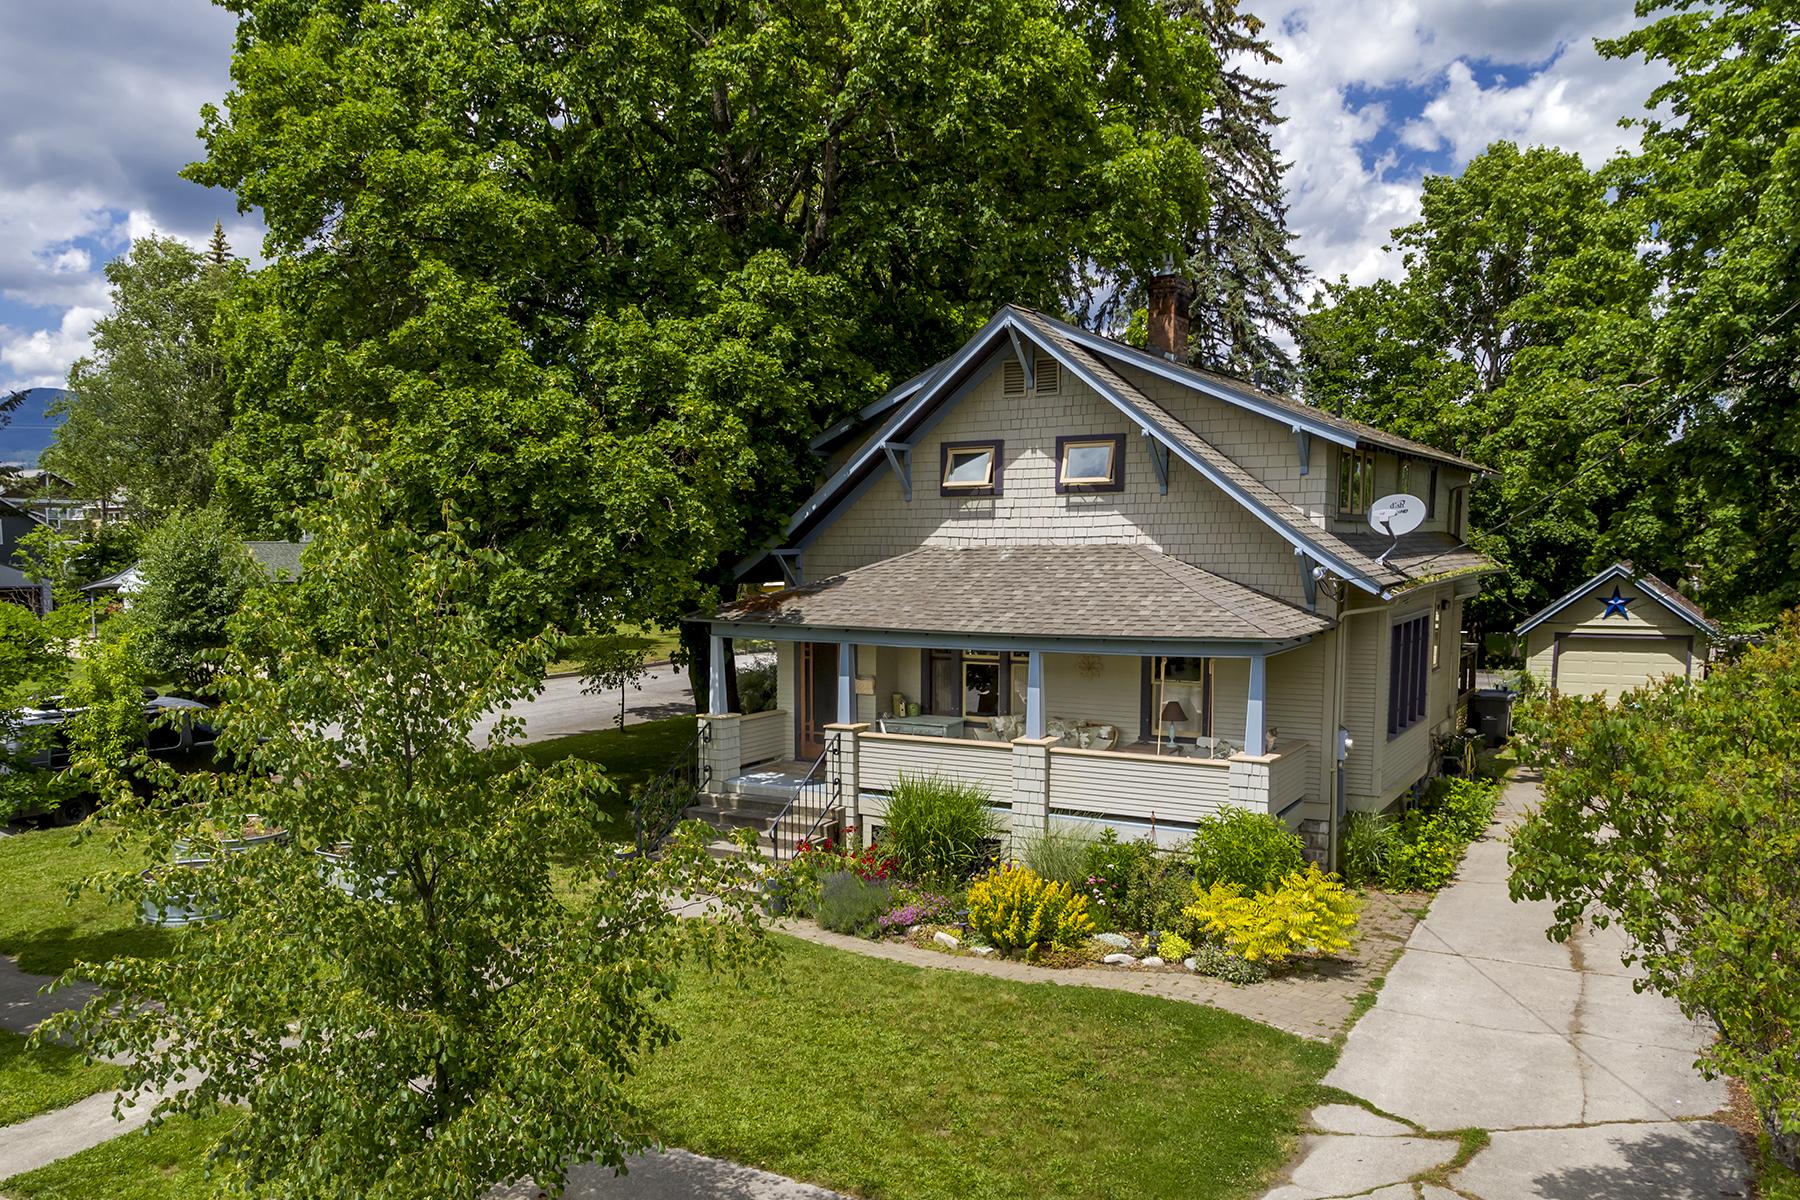 Einfamilienhaus für Verkauf beim Coveted So. Sandpoint Location!! 536 Erie Sandpoint, Idaho, 83864 Vereinigte Staaten